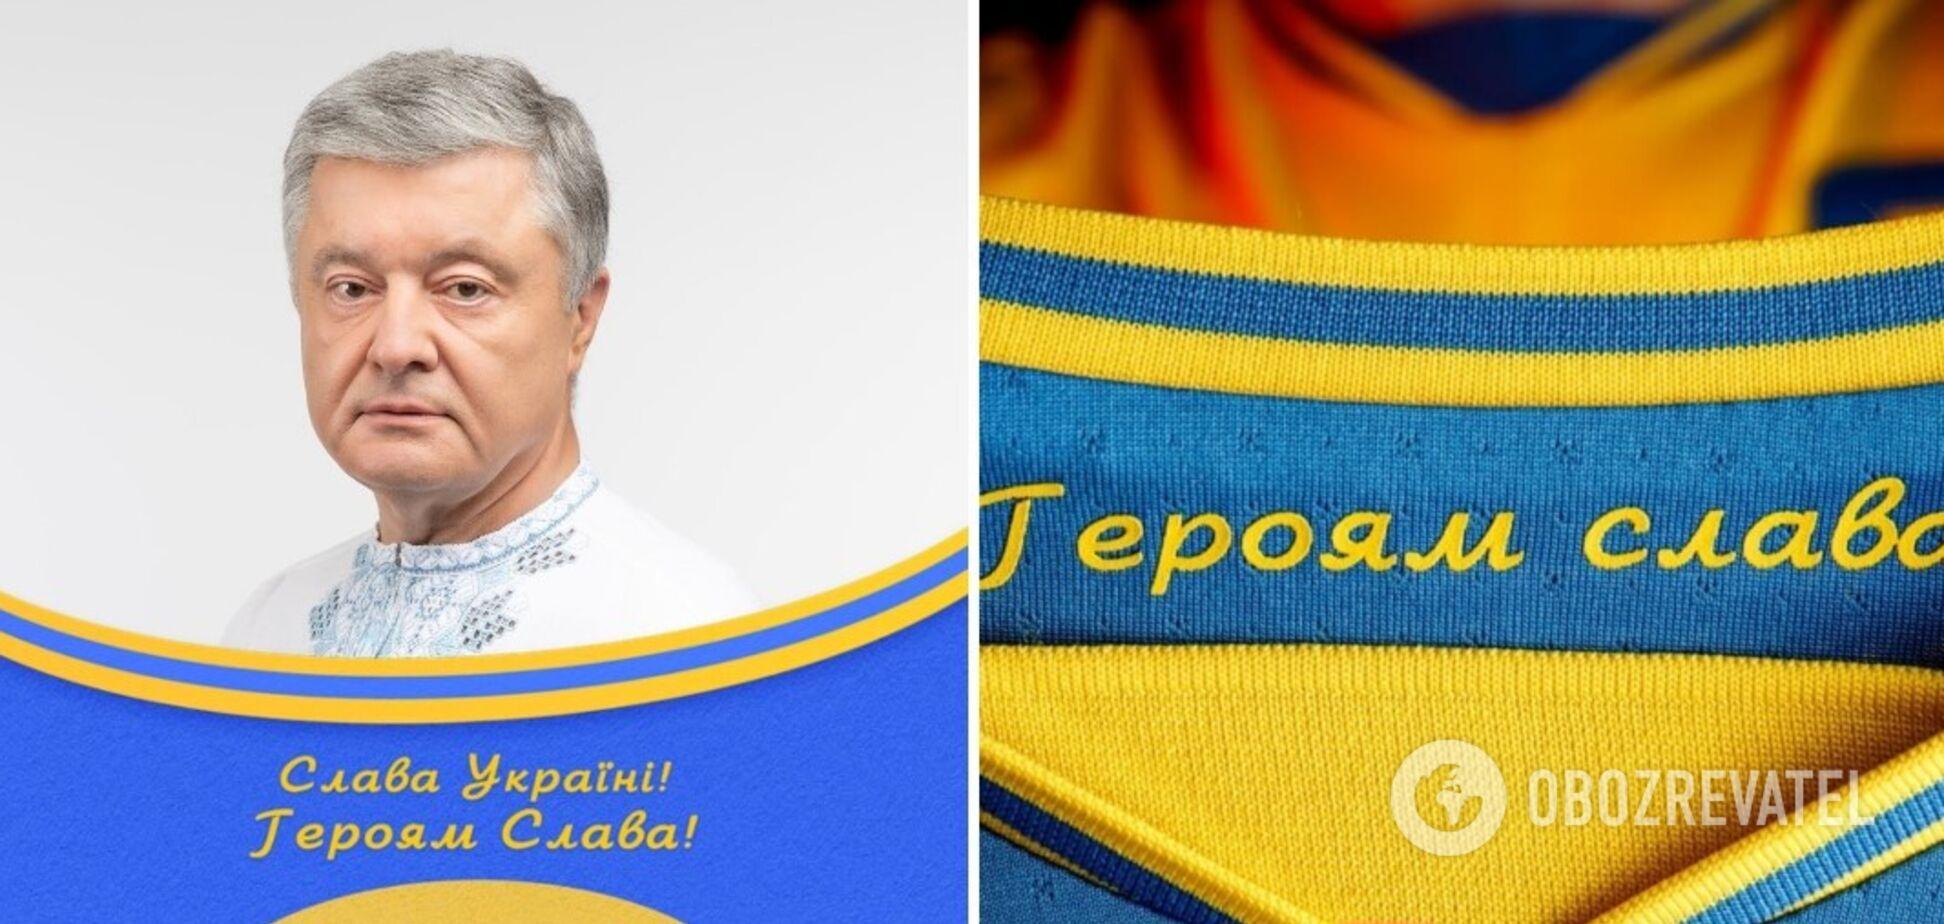 Порошенкозакликав підтримати збірну України з футболу